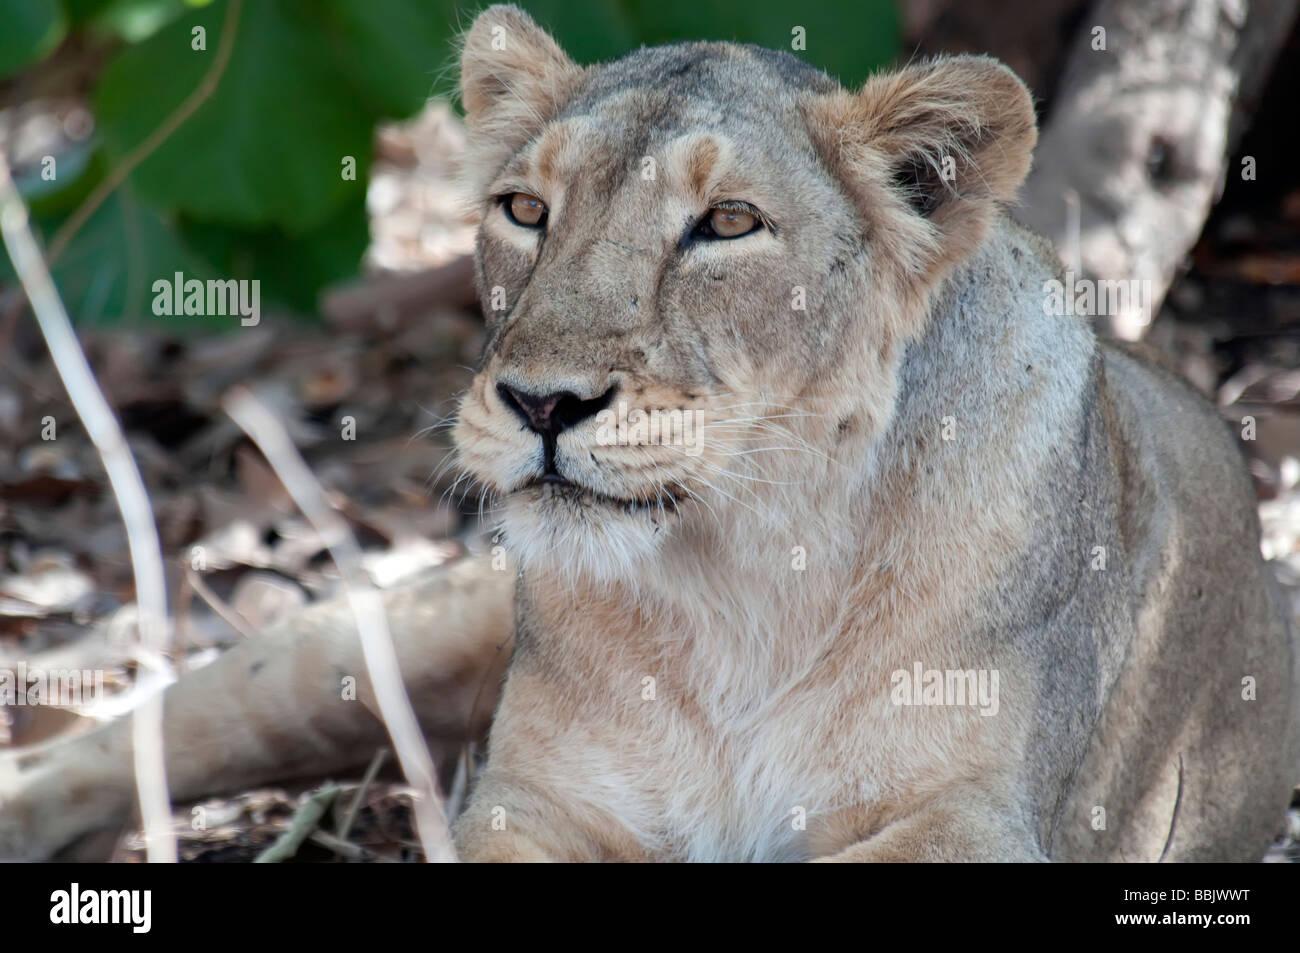 Lioness Sasan Gir India - Stock Image